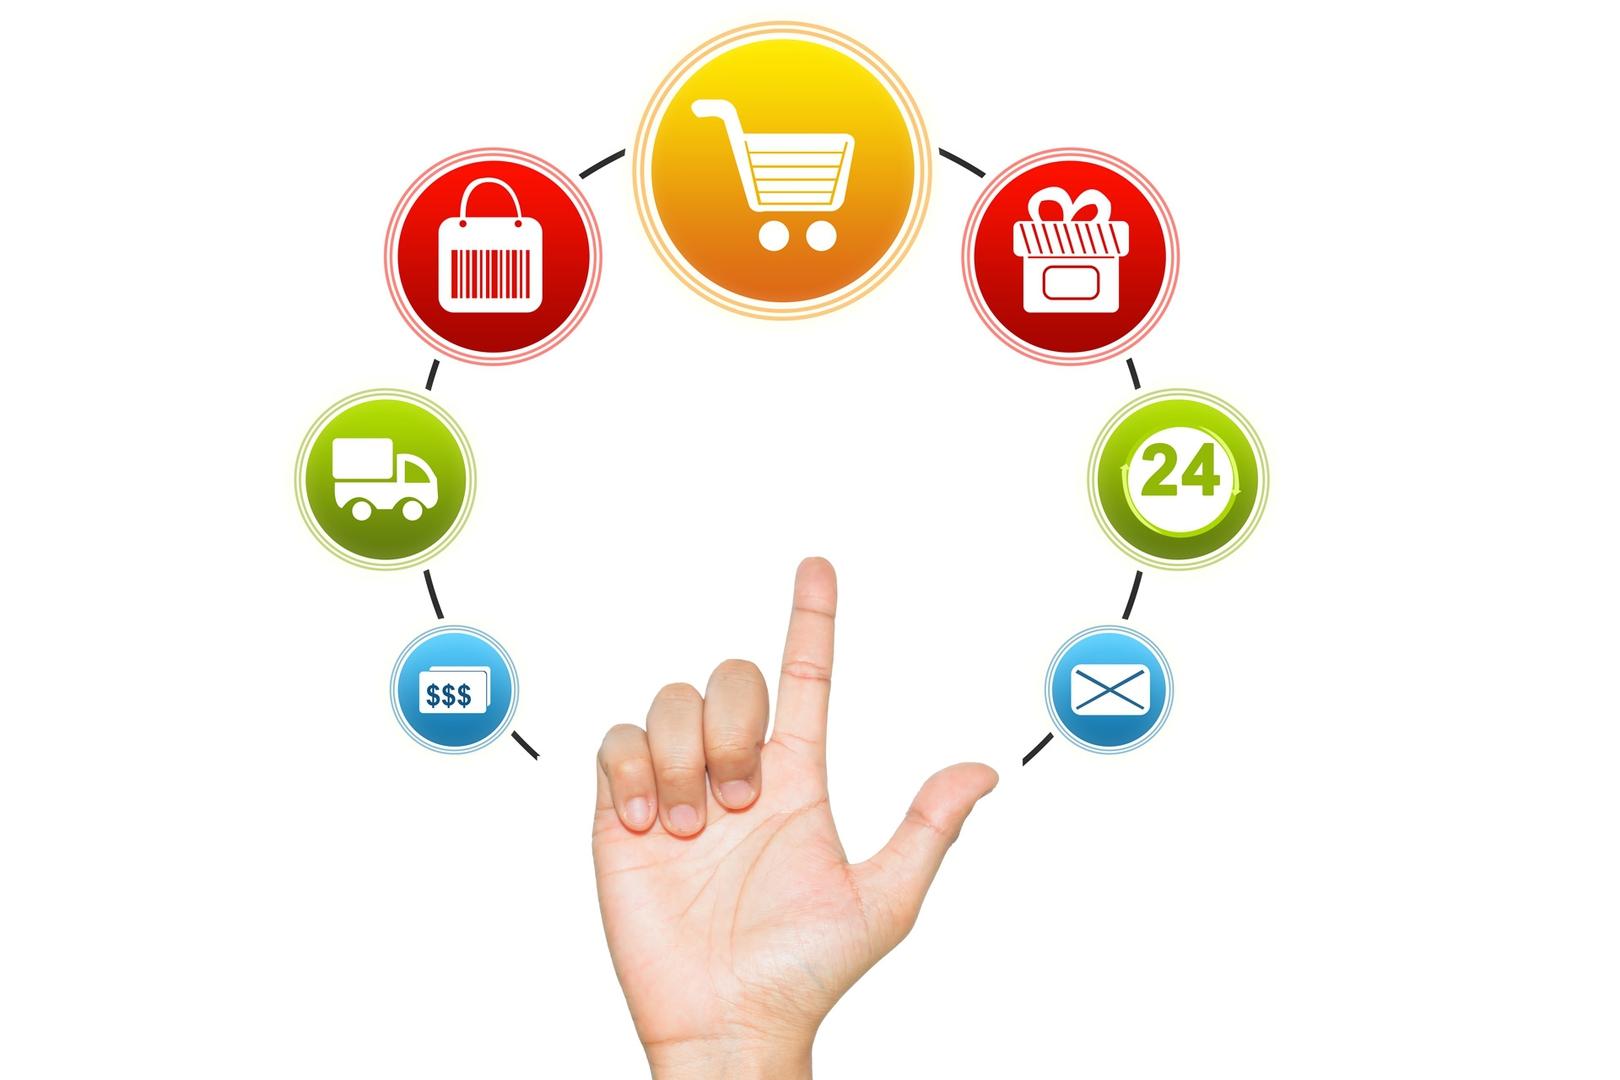 consumidor en colombia, consumidor, colombia, consumidor colombiano, seo, agencia, cali, agencia cali, publicidad, mercadero, marketing, agencia publicidad, noticias, blog, innovacion, tecnologia, redes sociales, nuero media, neuromedia, ventas, compra, productos, servicio,